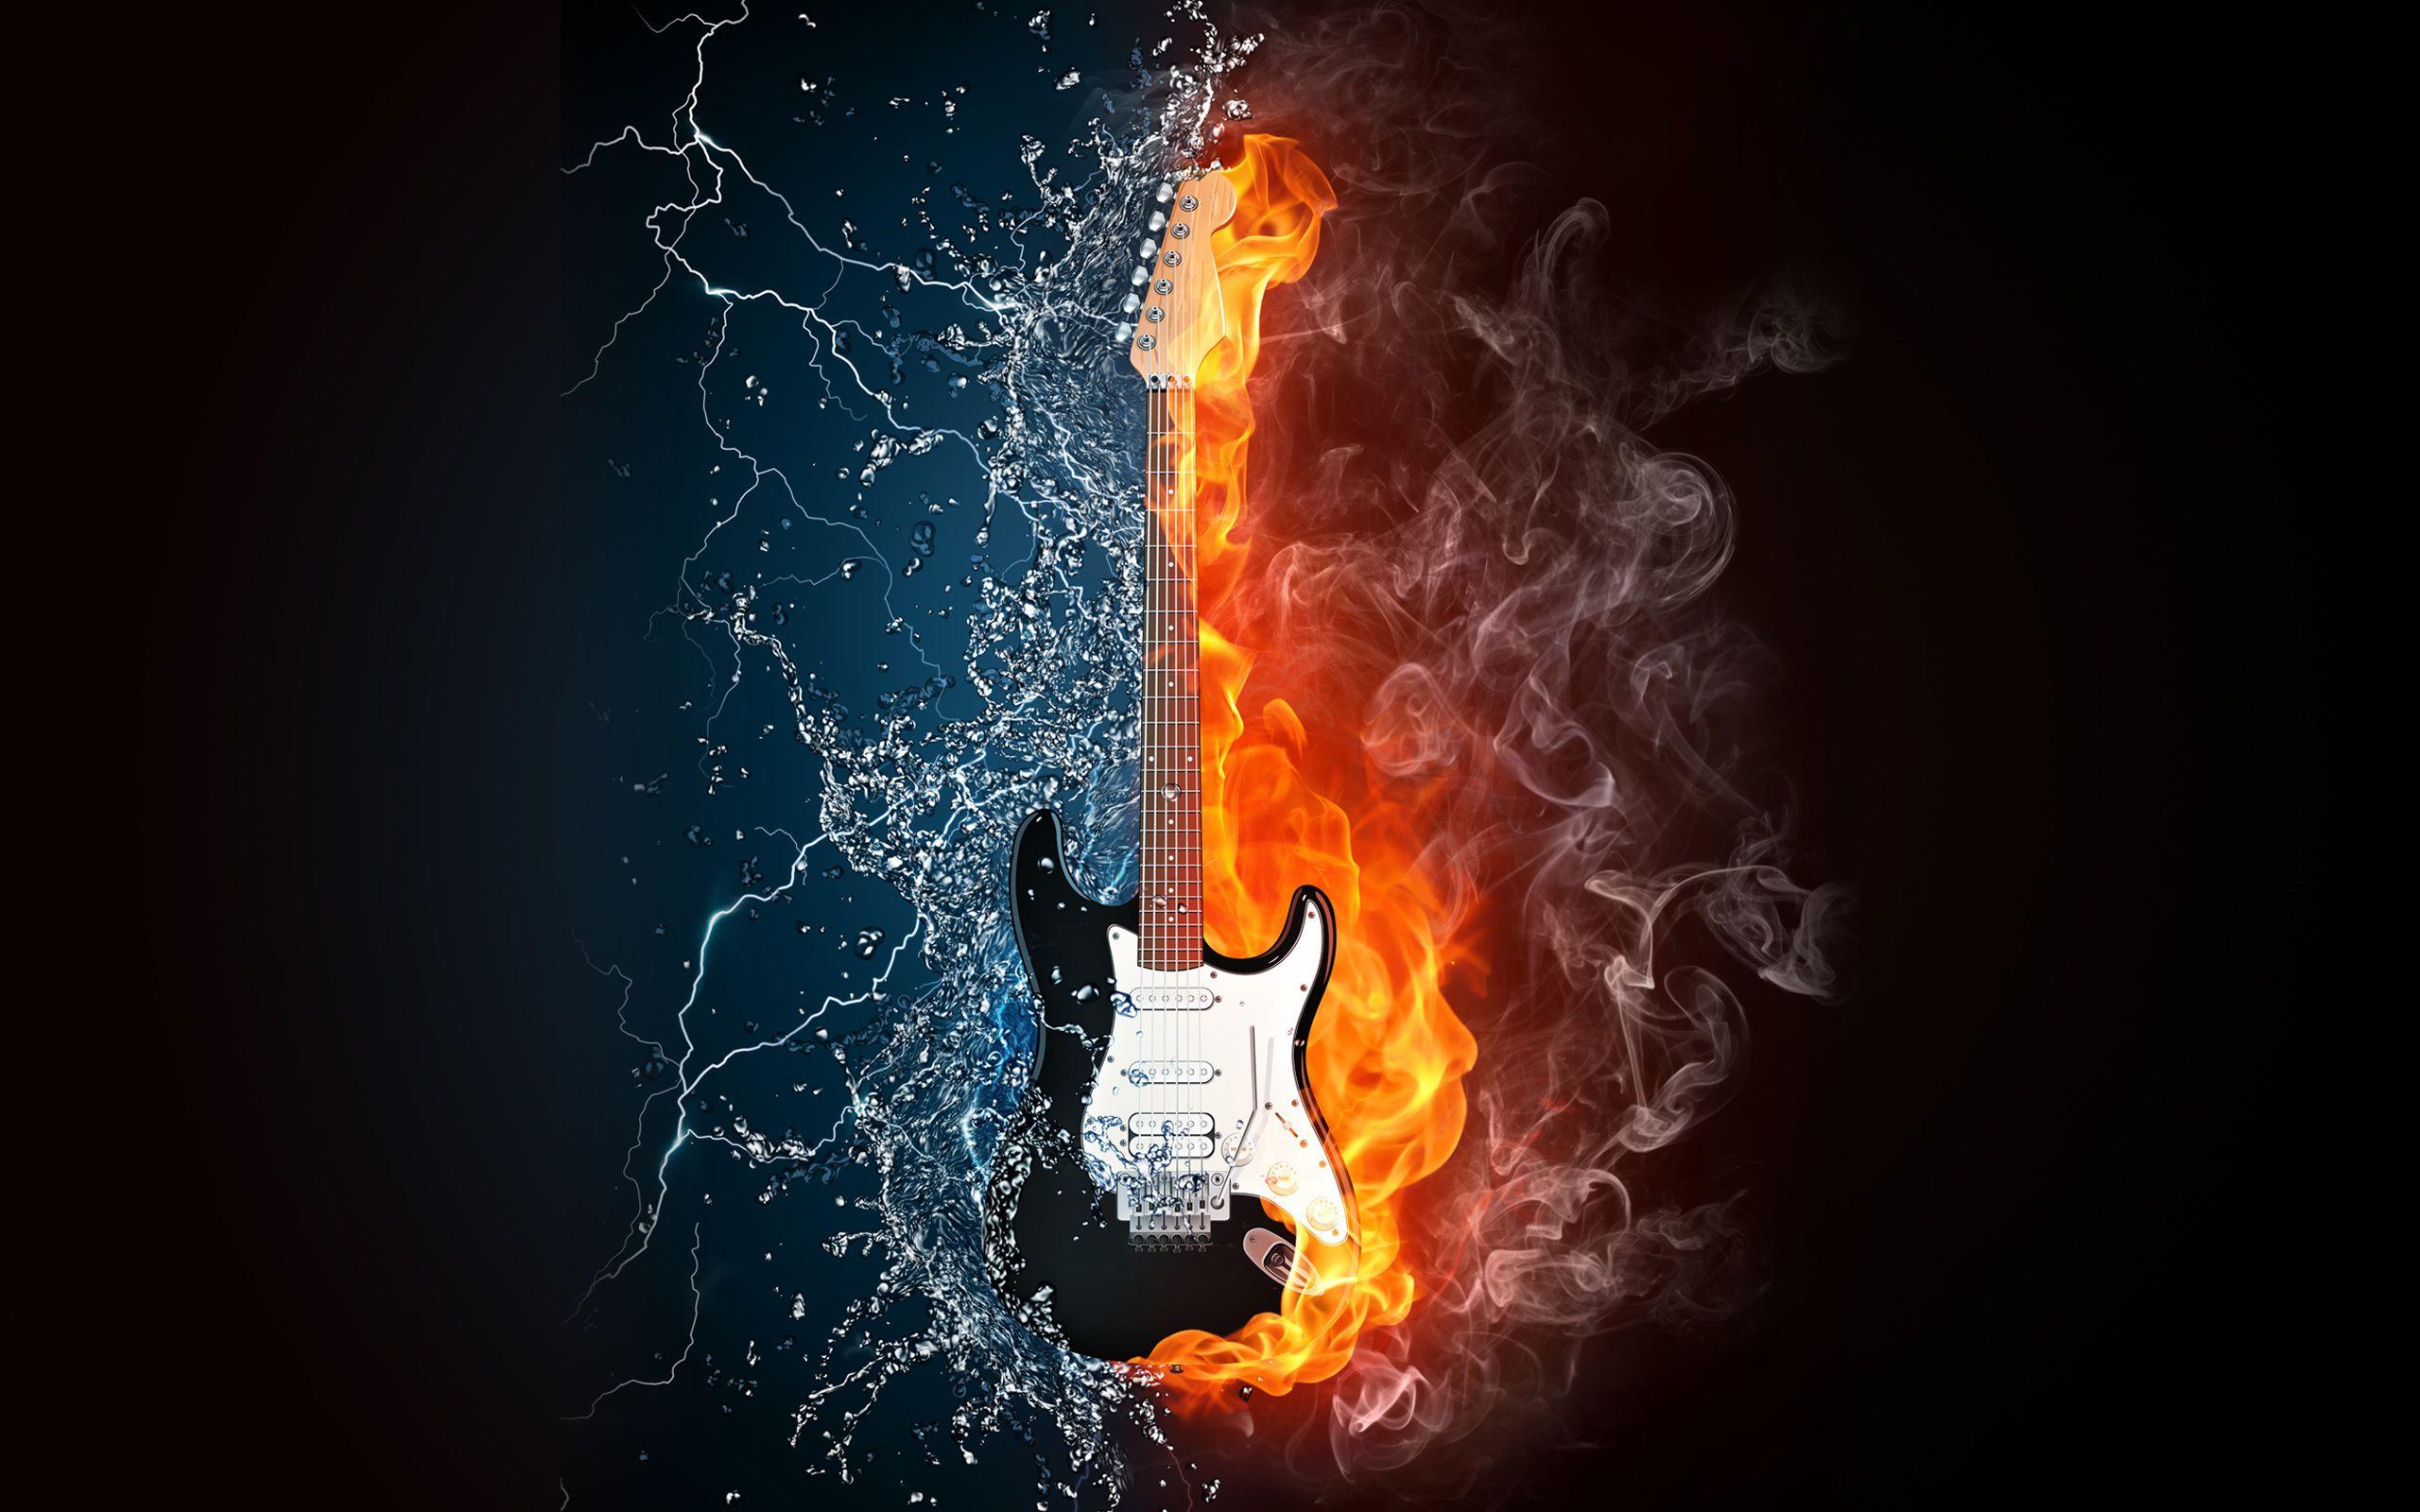 Sfondi chitarra rock